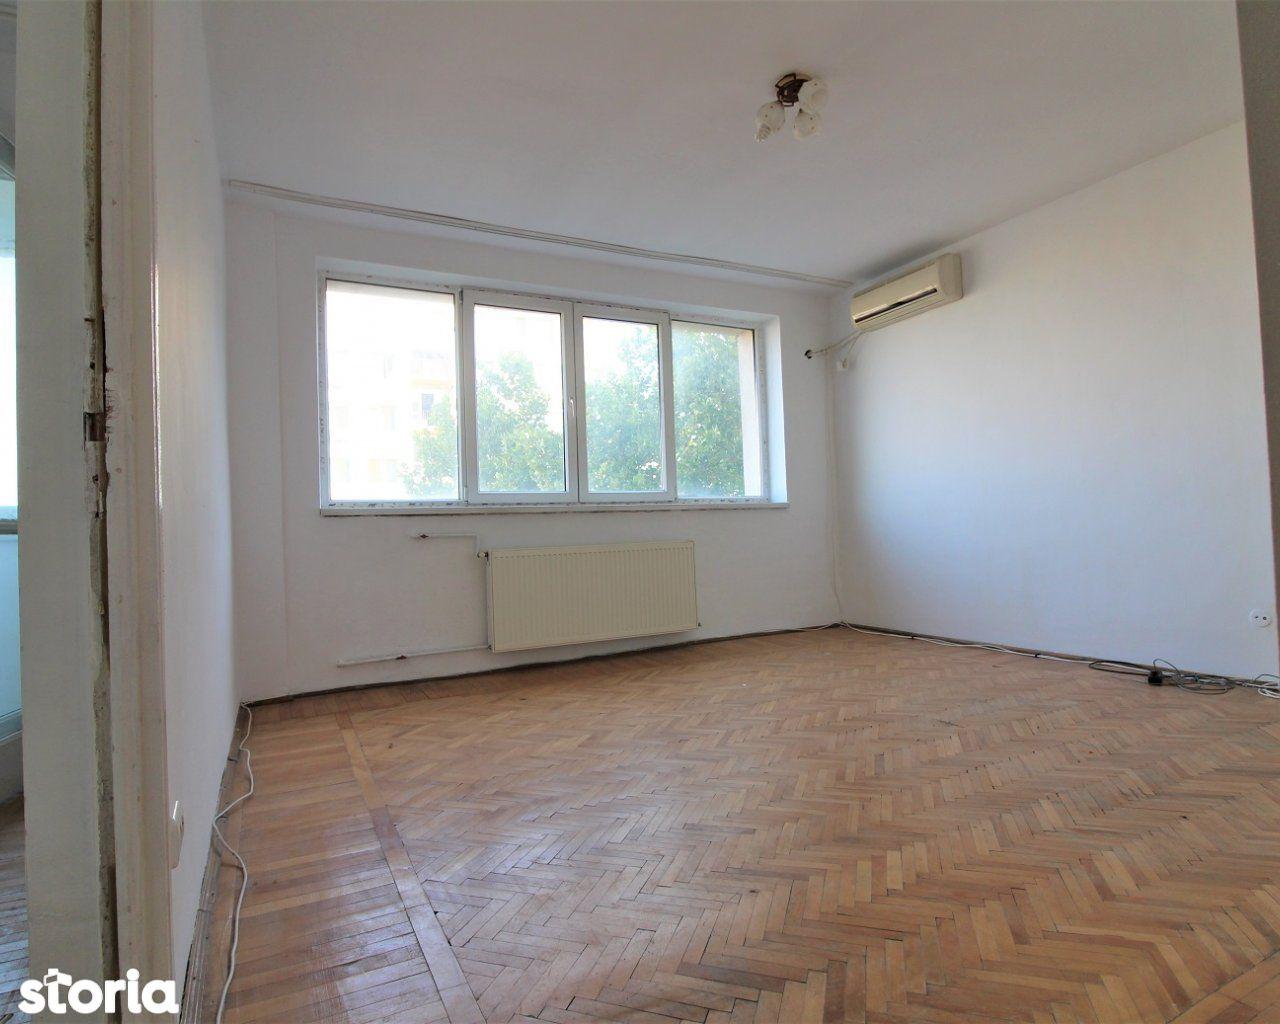 Apartament de vanzare, București (judet), Gara de Nord - Foto 5